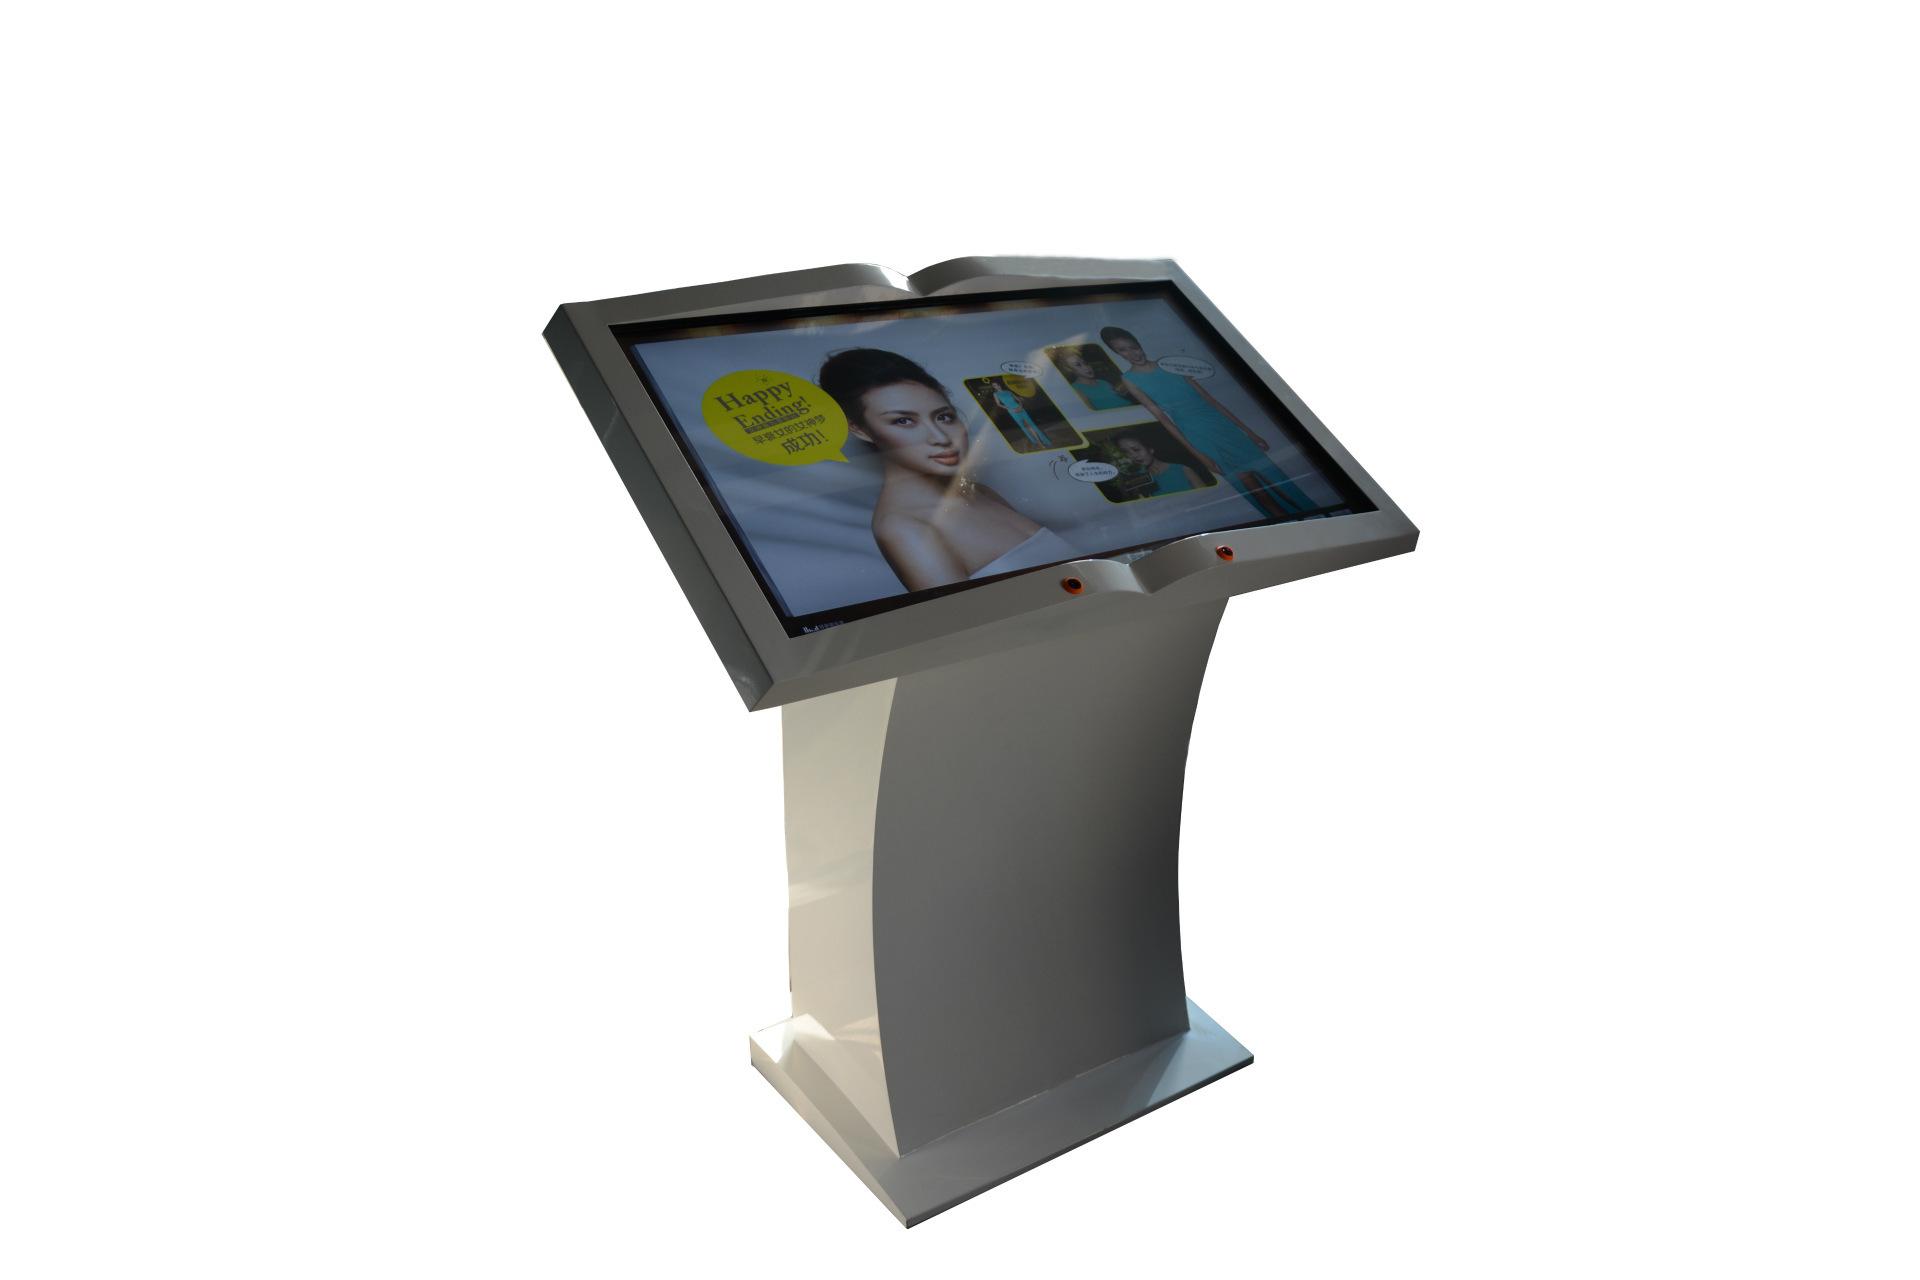 厂家直销HPLD42寸虚拟翻书台空中翻书台全息空中虚拟翻书台示例图7